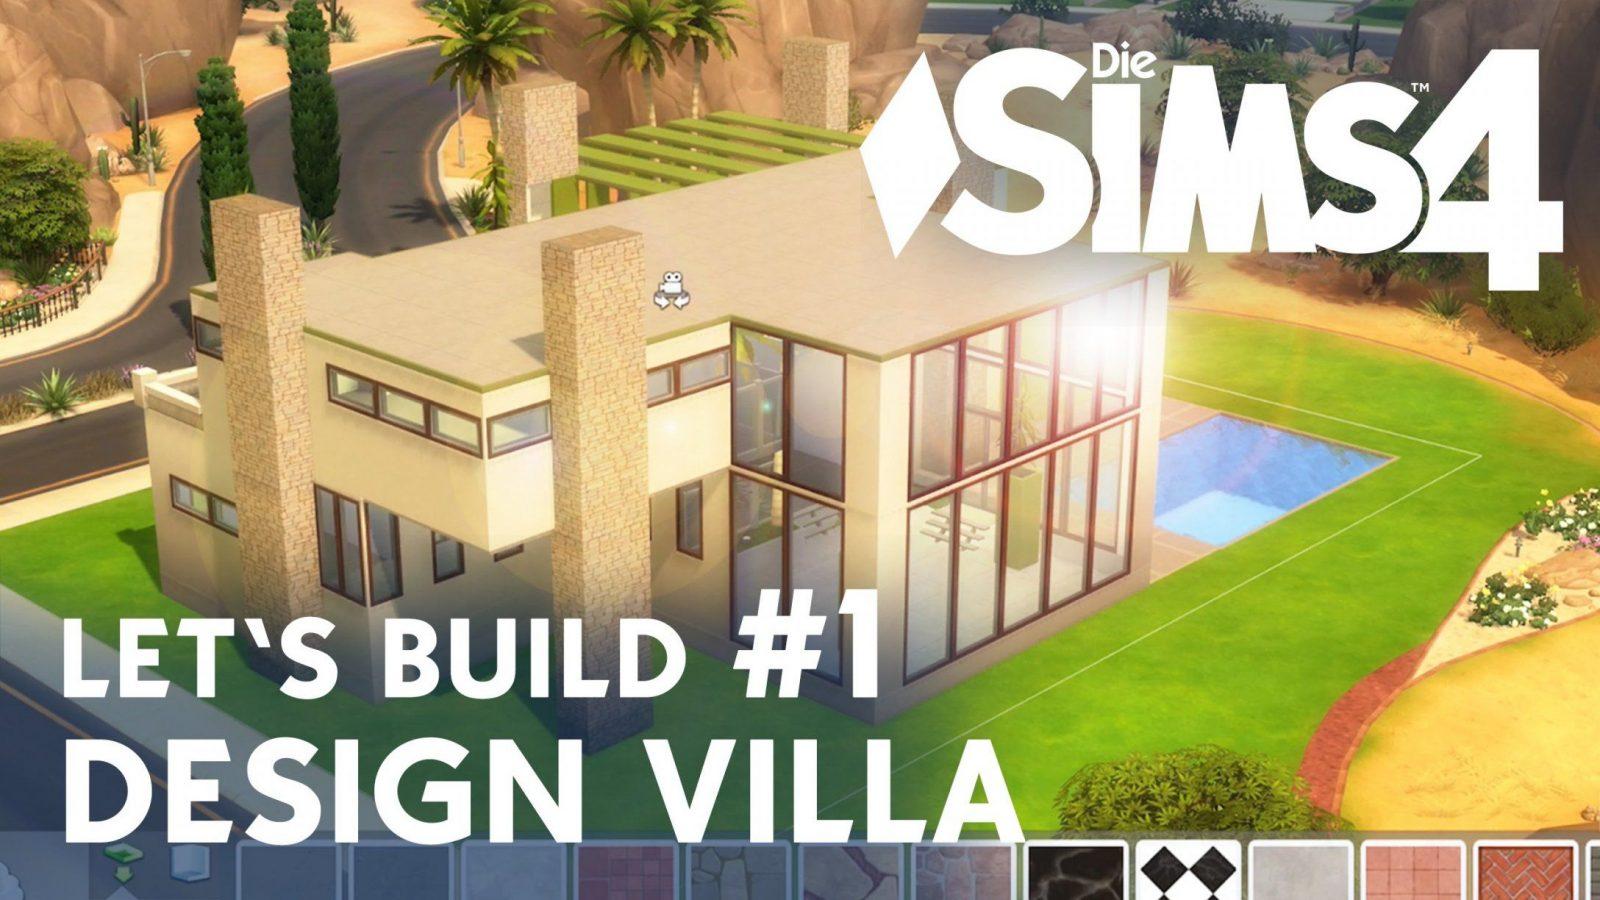 die sims 4 let 39 s build design villa 1 idee grundriss youtube von sims 4 h user bauen ideen. Black Bedroom Furniture Sets. Home Design Ideas